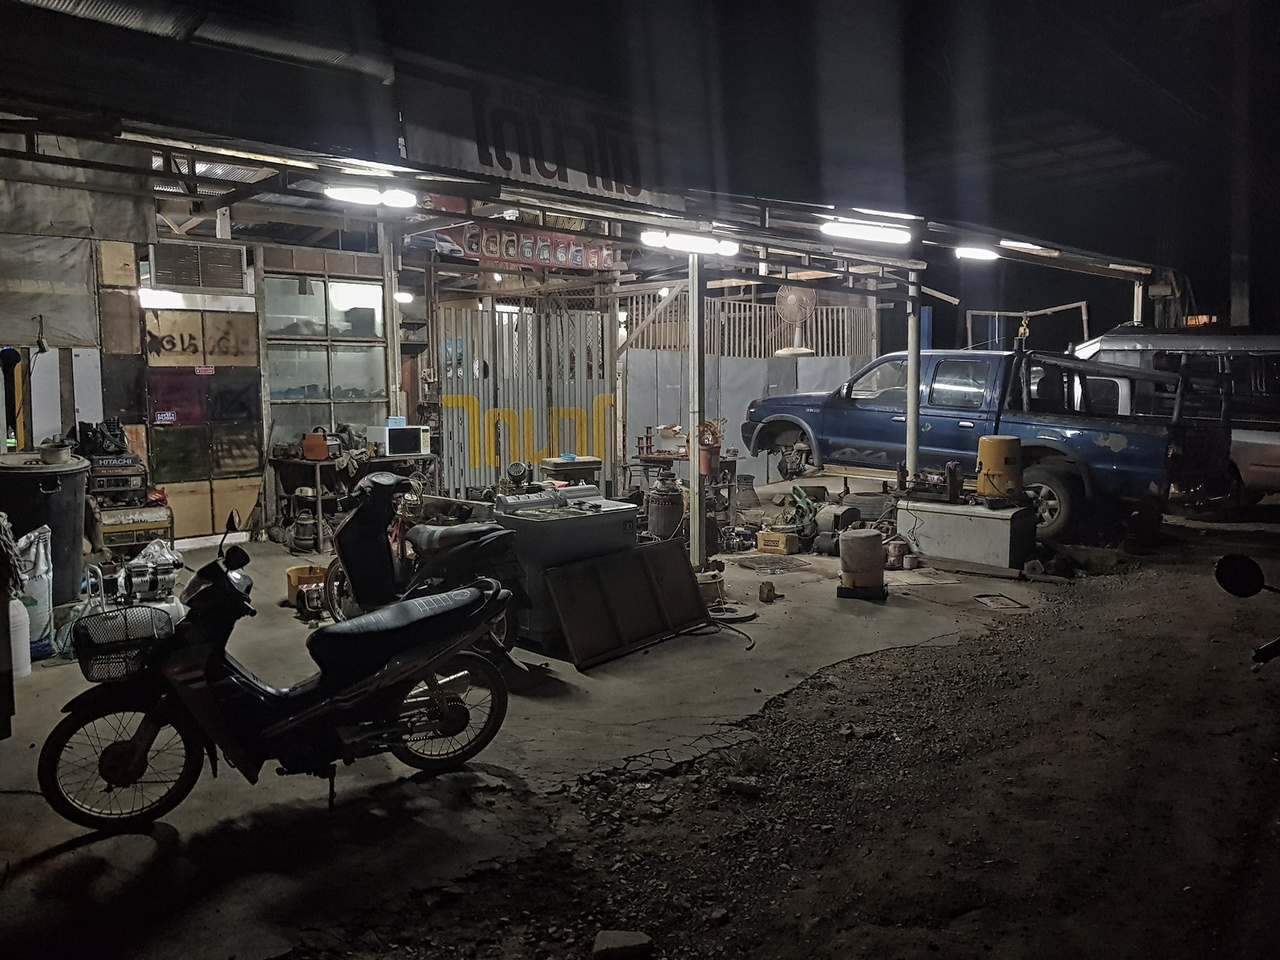 Éjjel-nappali autószerviz Ao Nangon. Rengeteg hasonló színvonalú műhelybe lehet beleakadni úton-útfélen